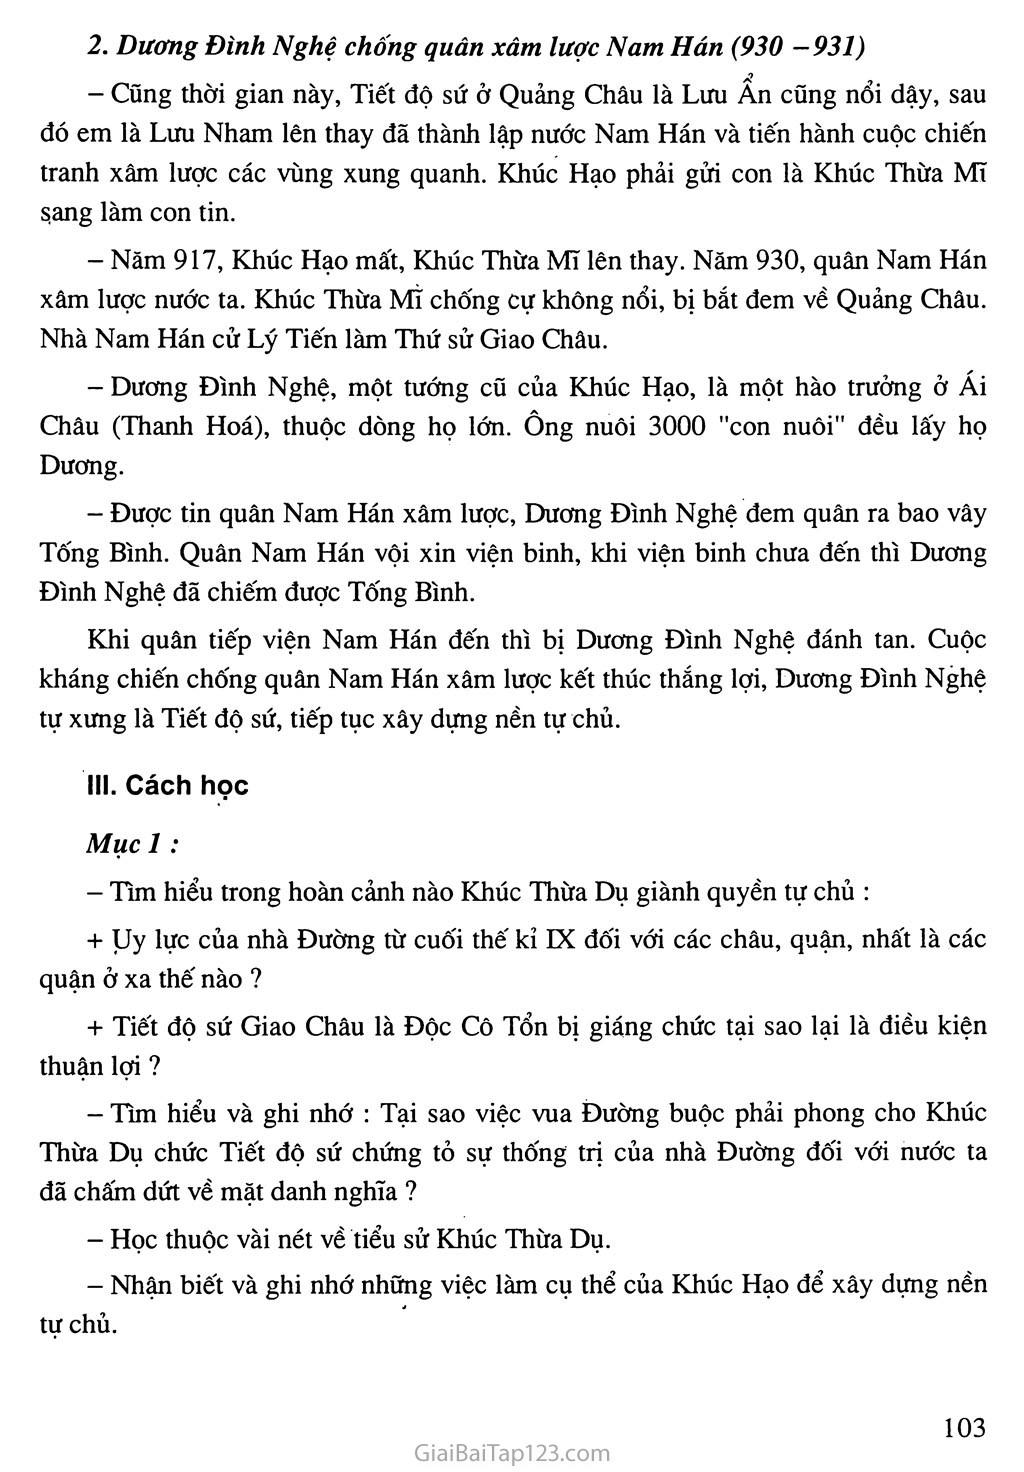 Bài 26: Cuộc đấu tranh giành quyền tự chủ của họ Khúc, họ Dương trang 2